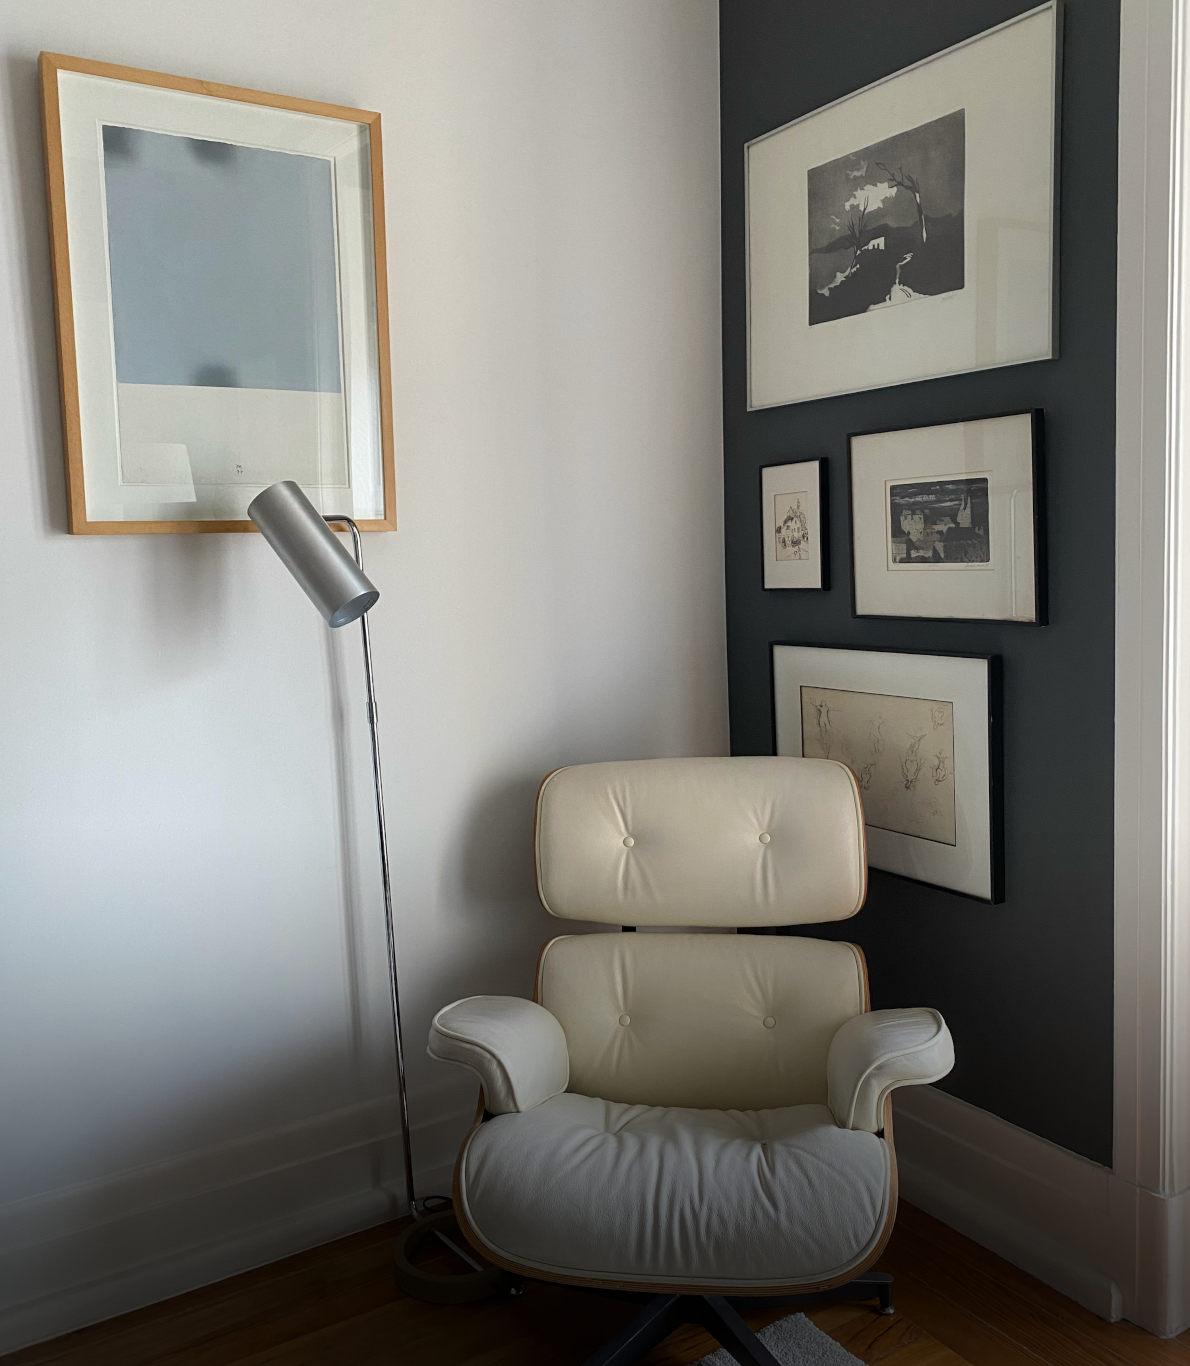 Canto simples com uma cadeira de design branca e um candeeiro de metal ao lado